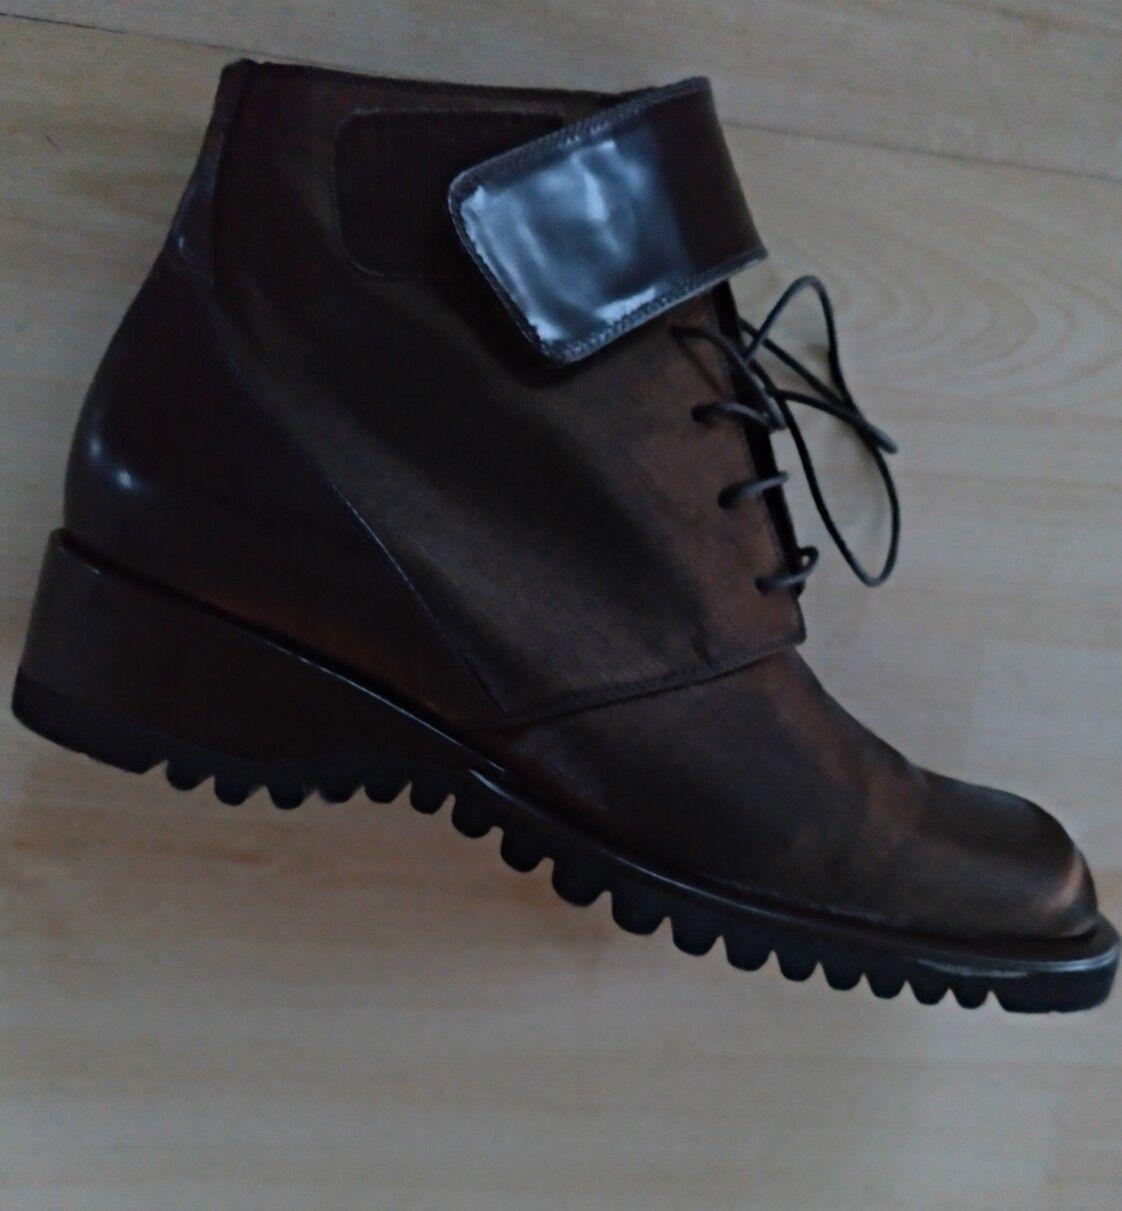 Stiefel, Stiefel, Stiefel, Stiefeletten, Leder braun, Gr. 38 aus Italien, stylisch 21fefc